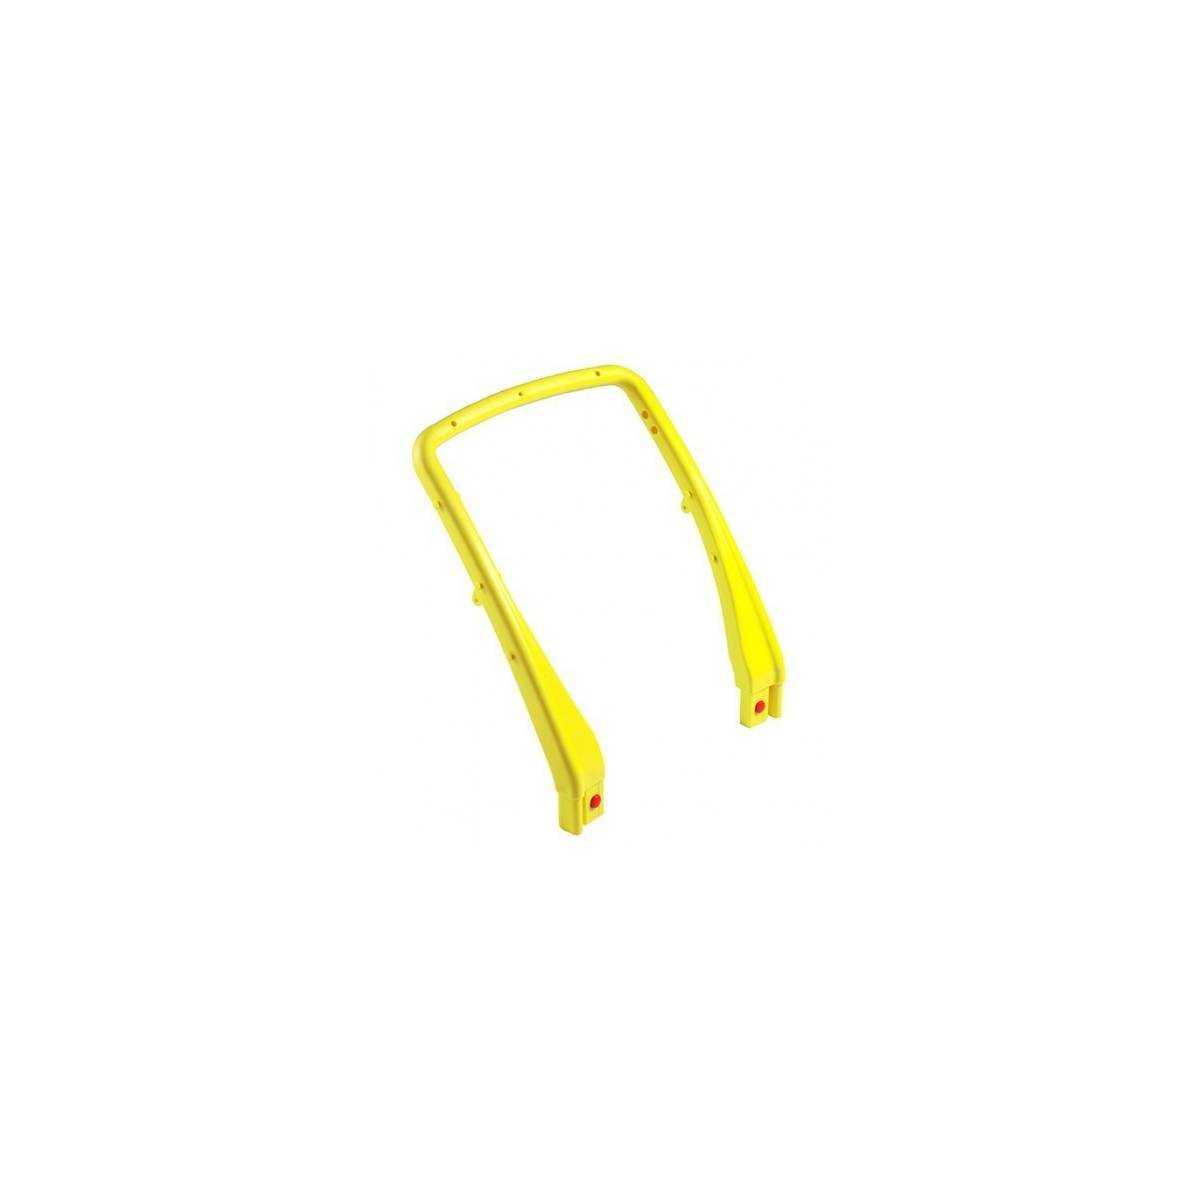 Рукоятка пластмассовая к тележке U-образная (Желтого цвета) 3310 TTS